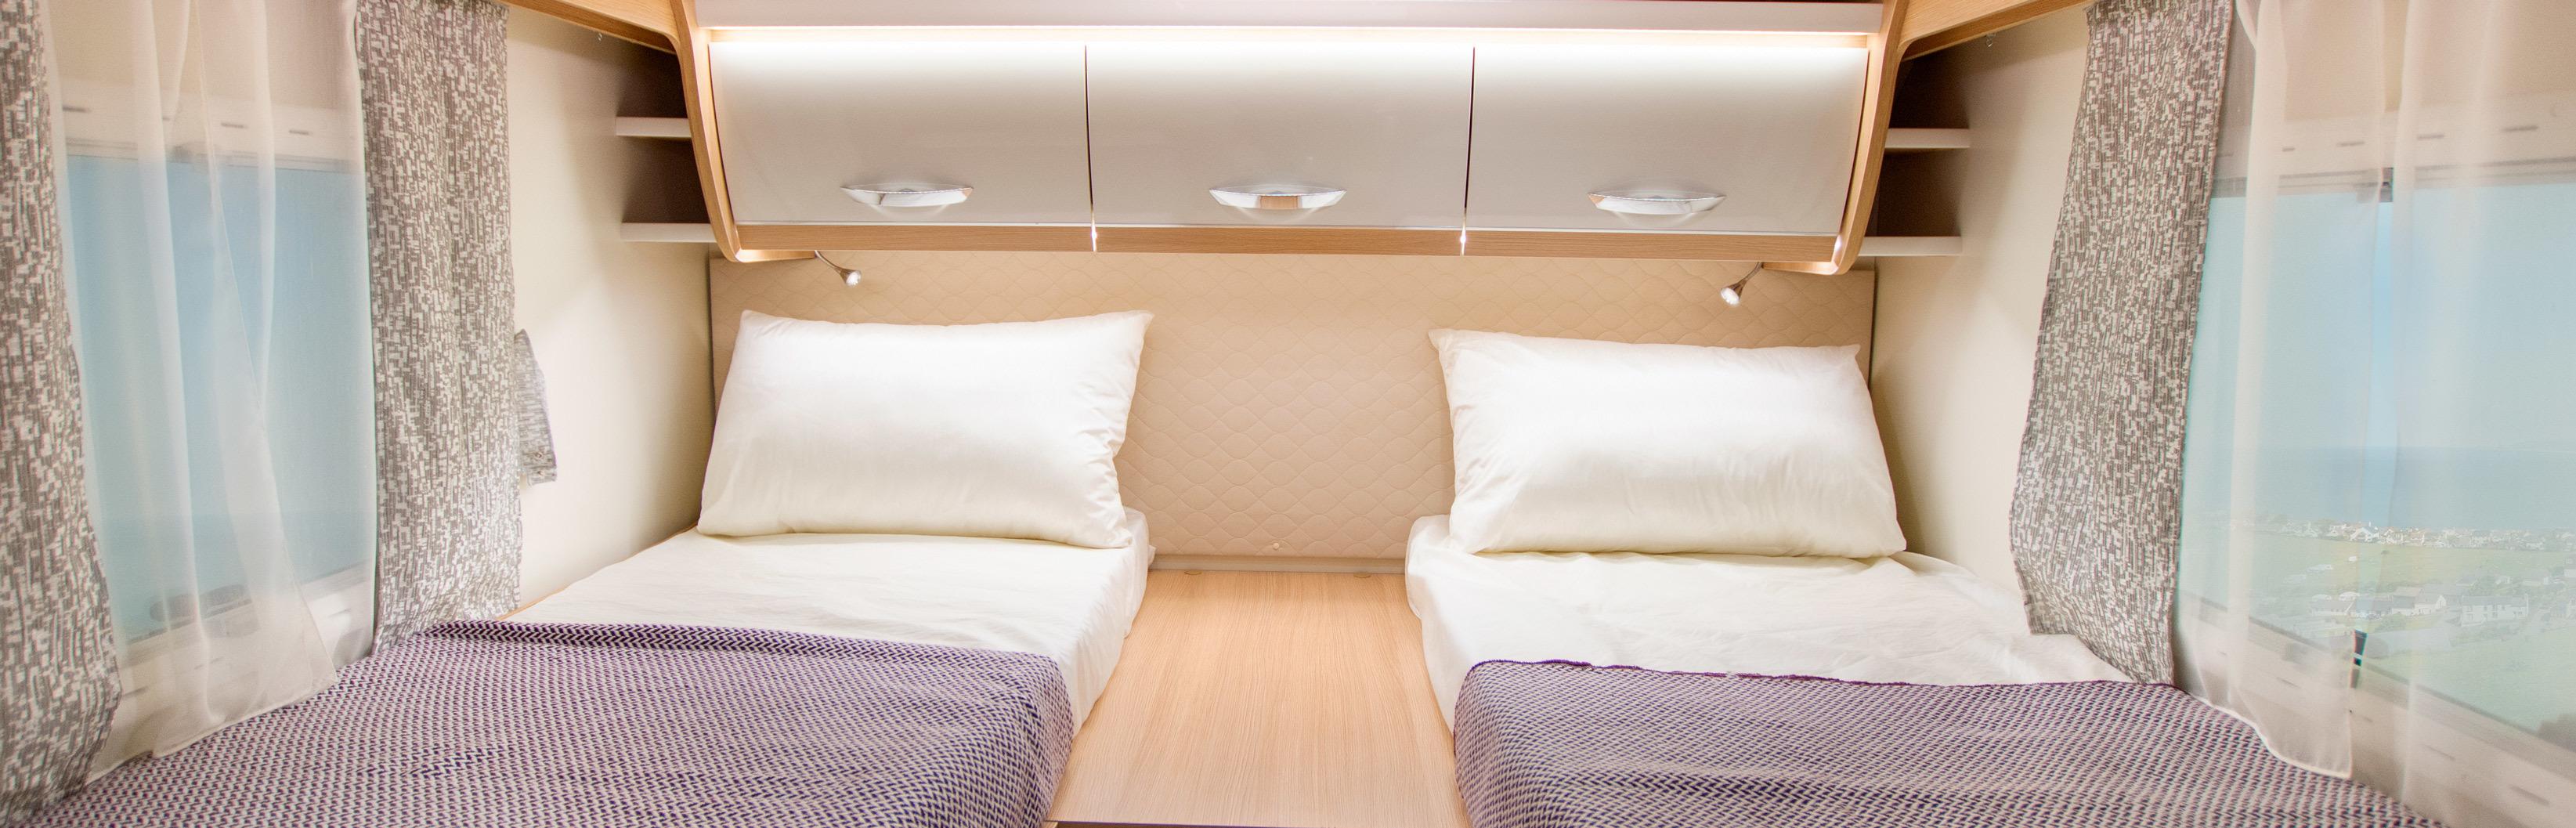 373 Bedroom